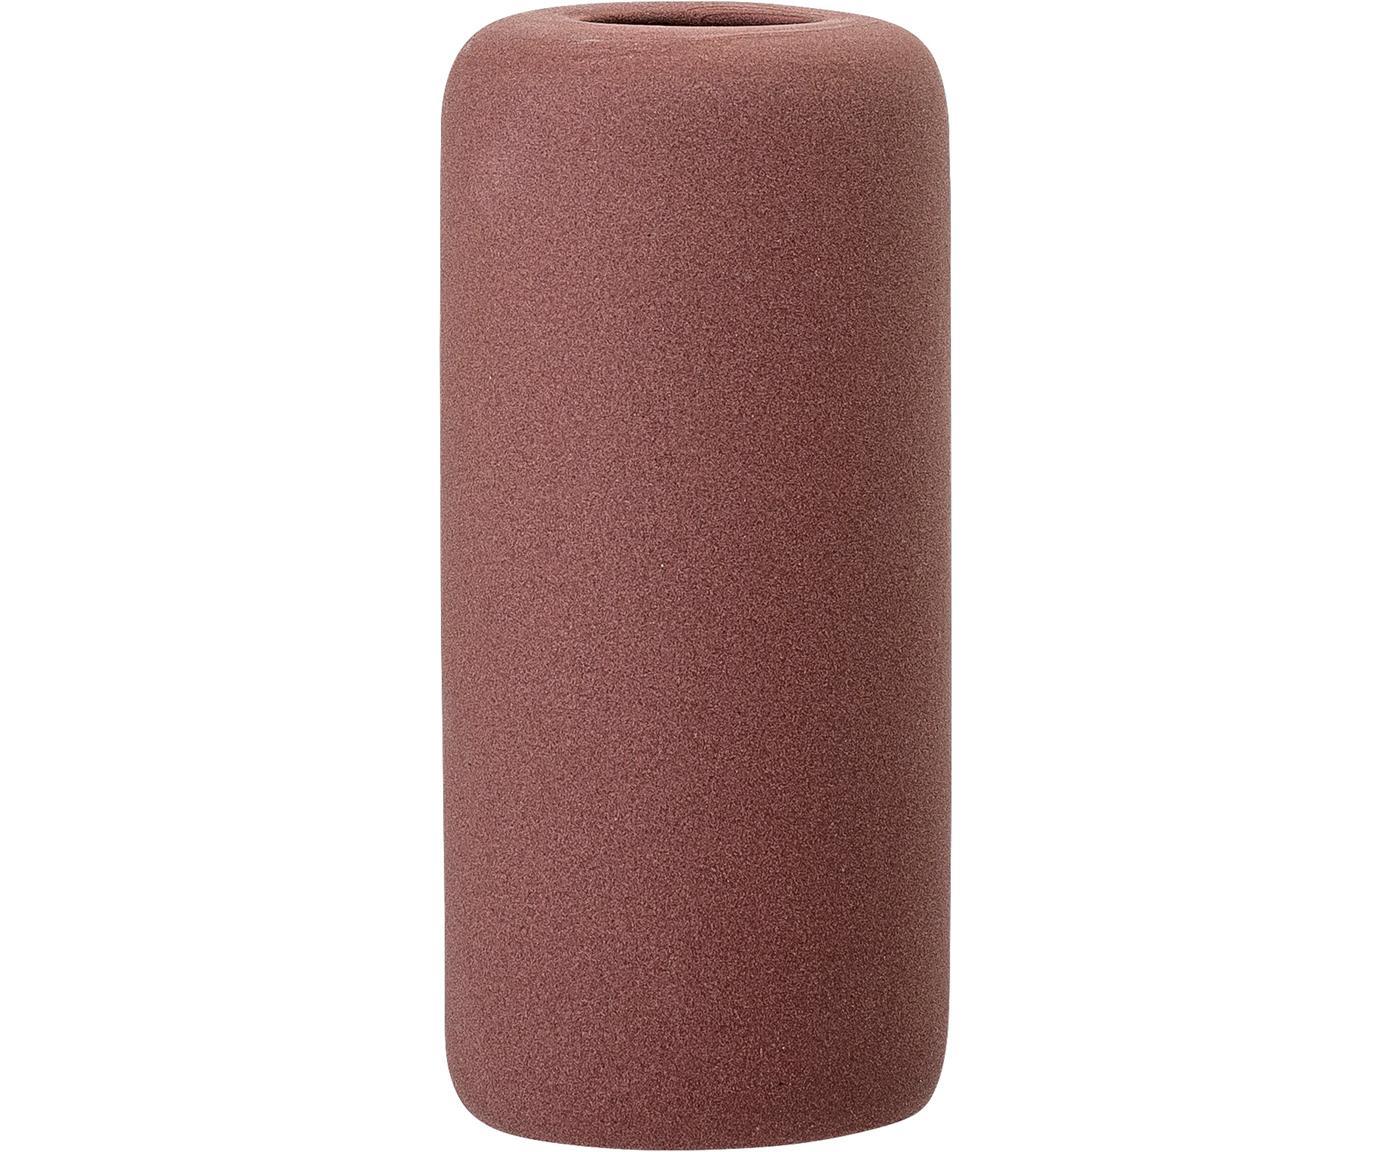 Mały wazon z kamionki Redstone, Kamionka, Bordowy, Ø 6 x W 13 cm